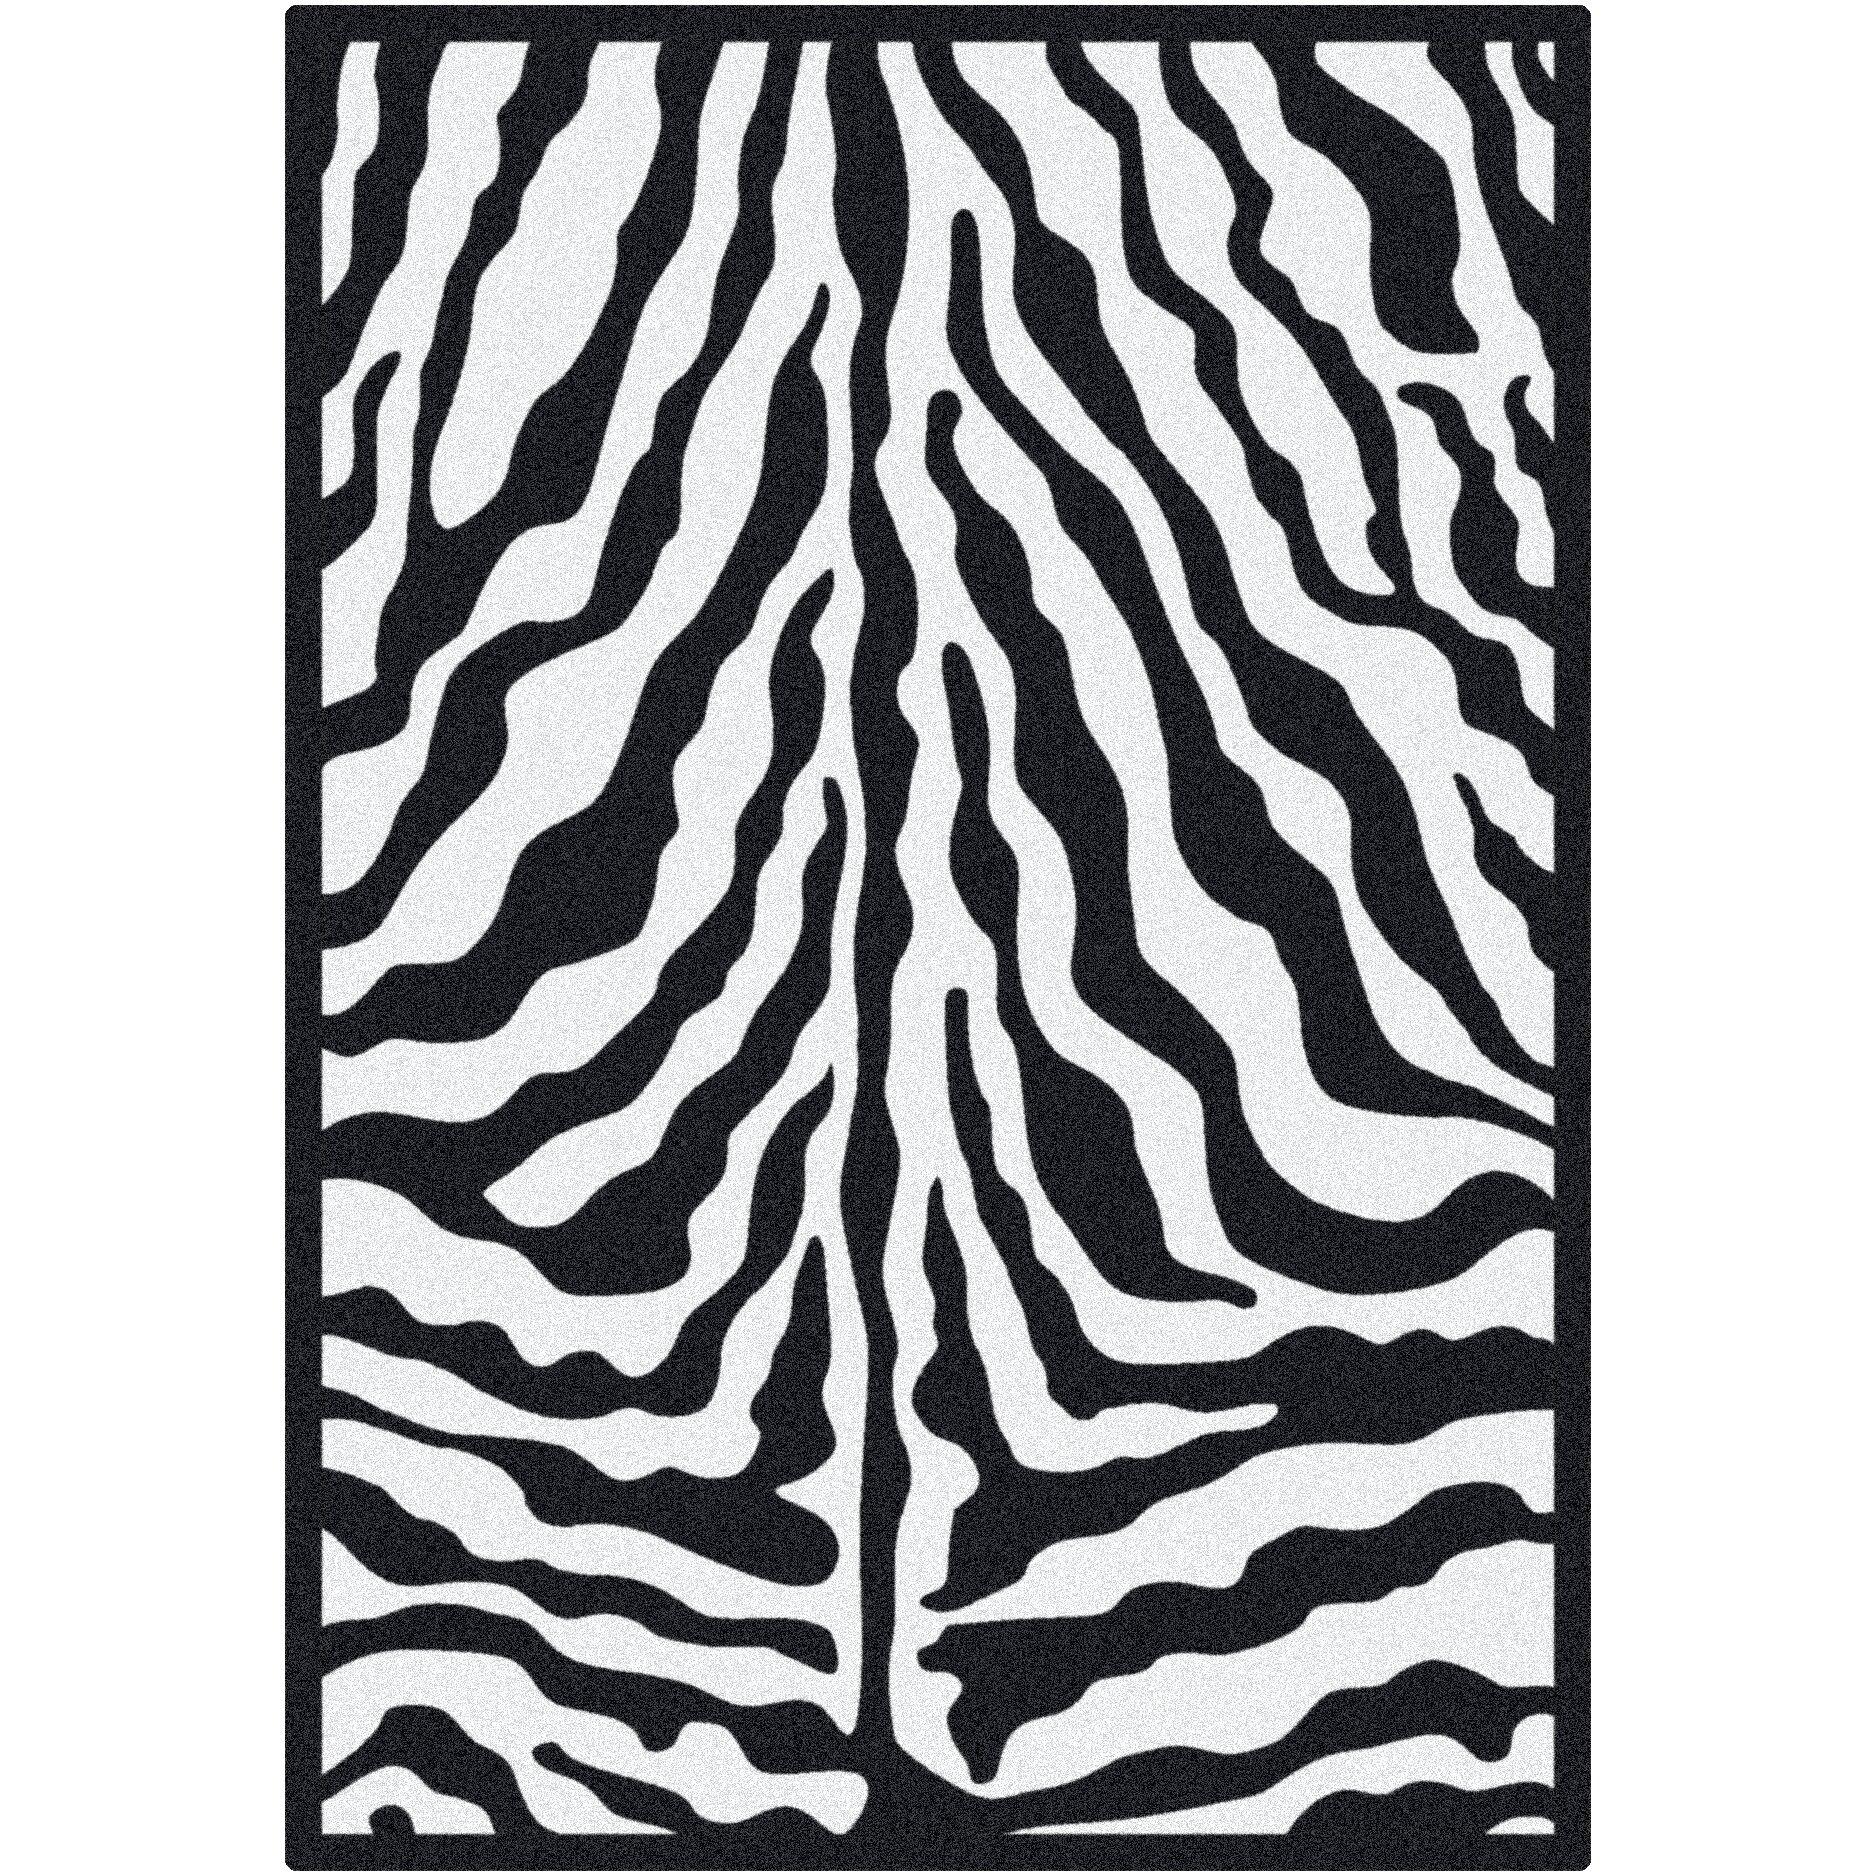 Milliken Black & White Zebra Glam Black Ink Area Rug